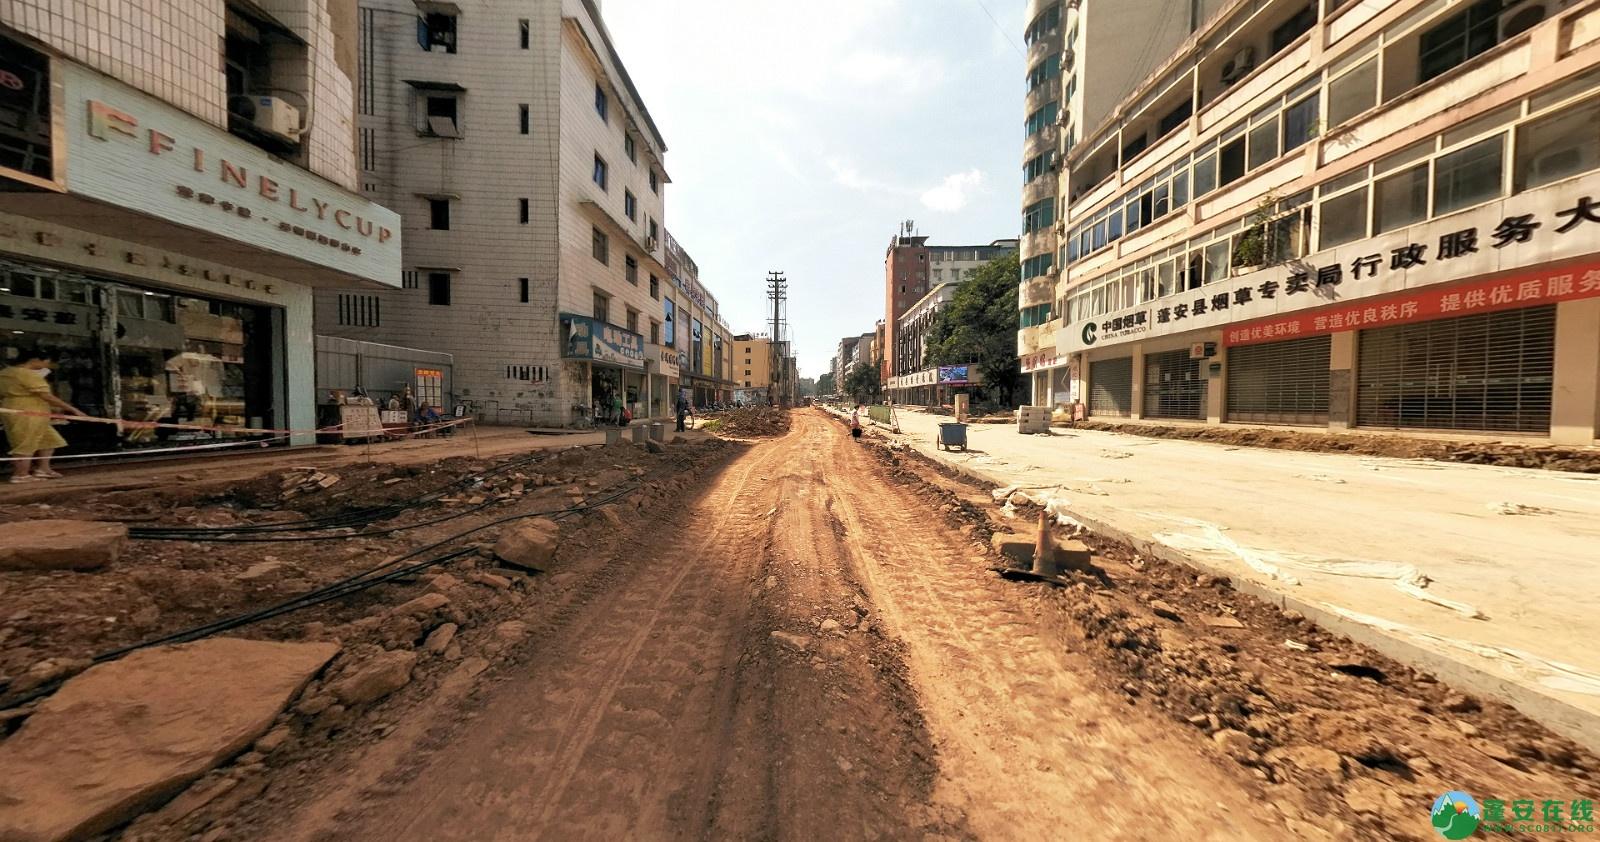 蓬安建设路改造进展(2020-08-05) - 第8张  | 蓬安在线